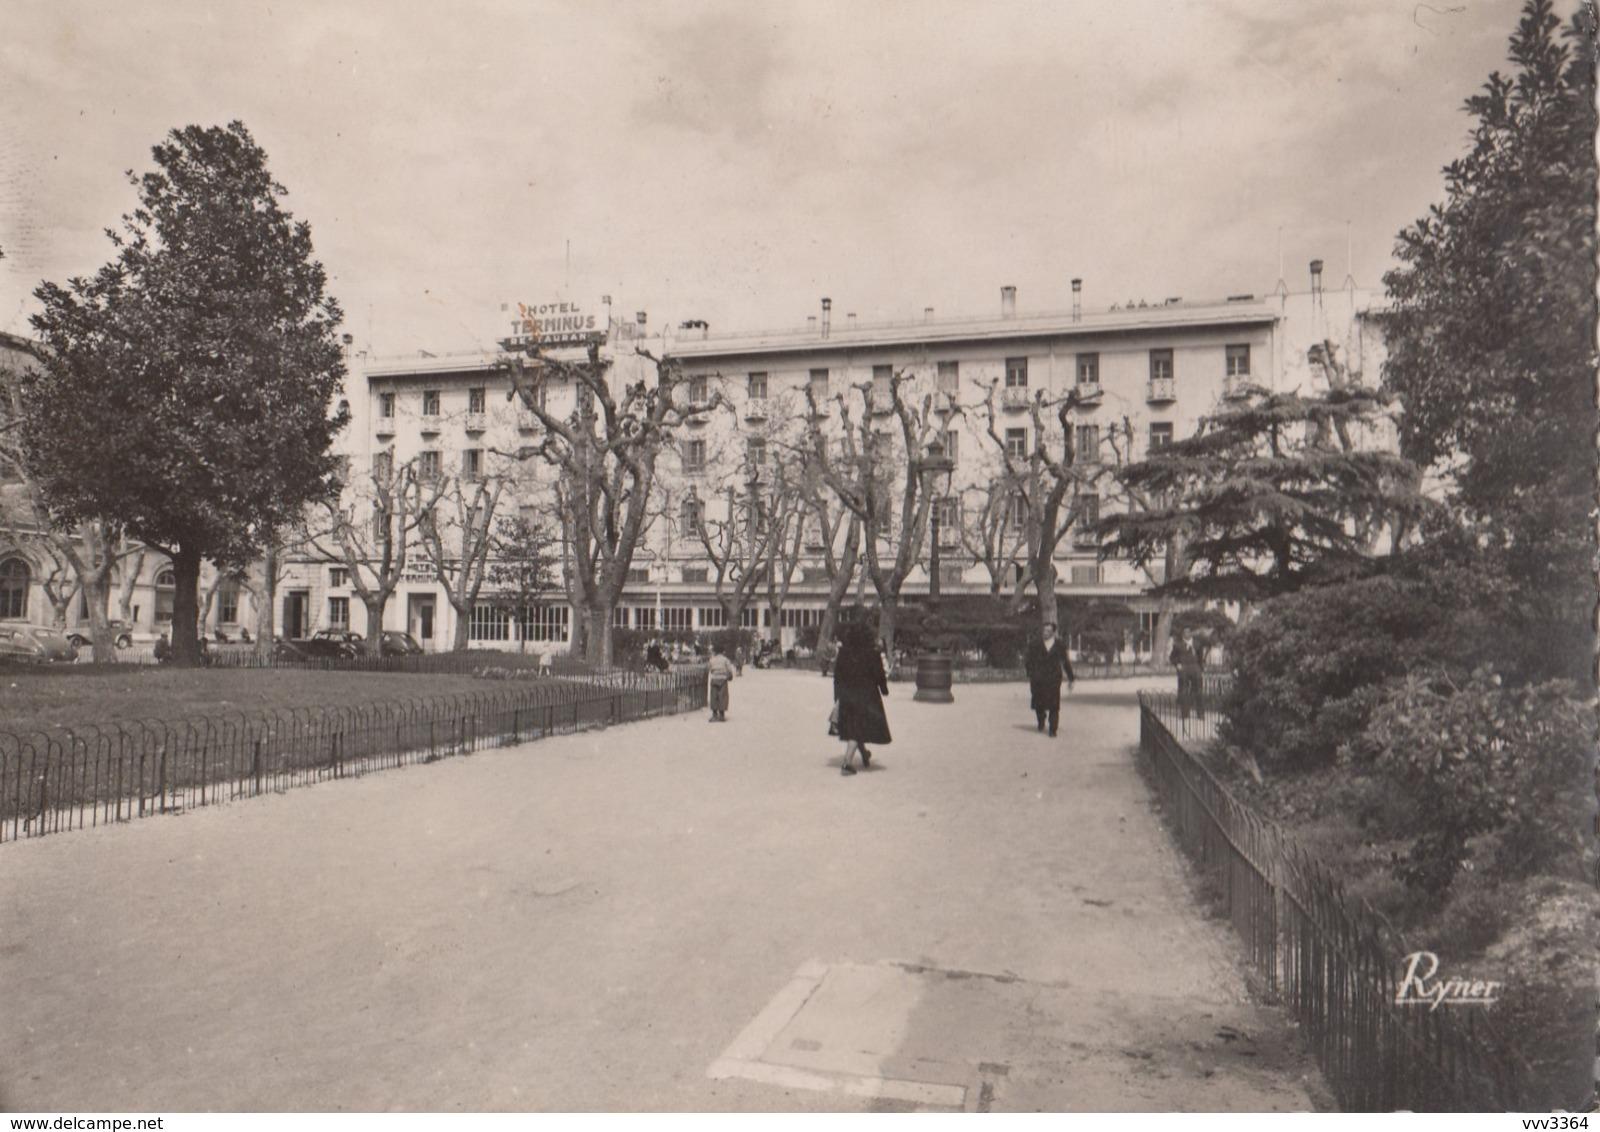 MARSEILLE: L'Hôtel Terminus De La Gare Saint-Charles - Marseilles